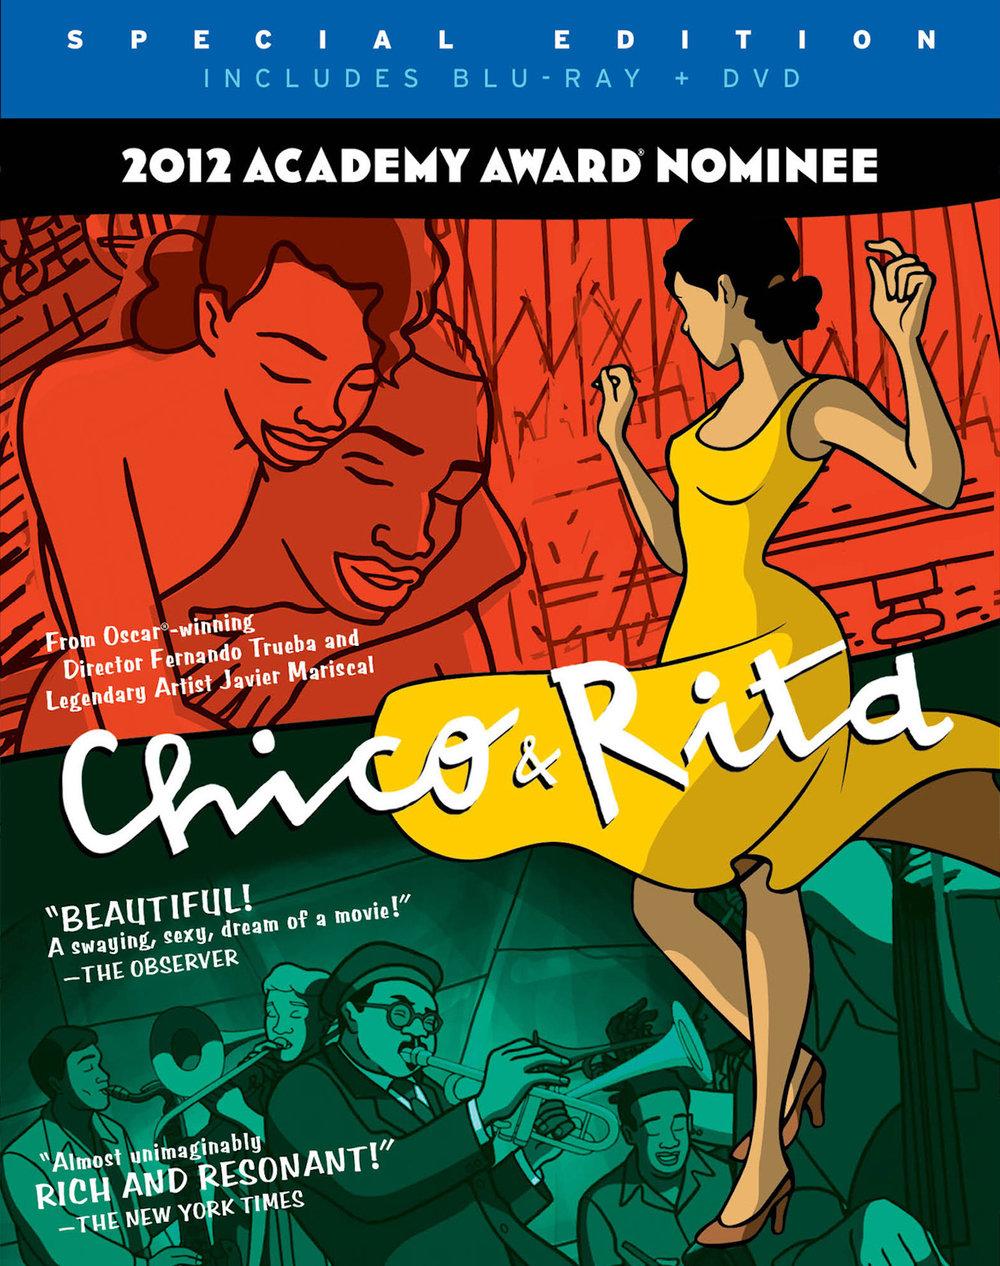 Chico & Rita.jpg